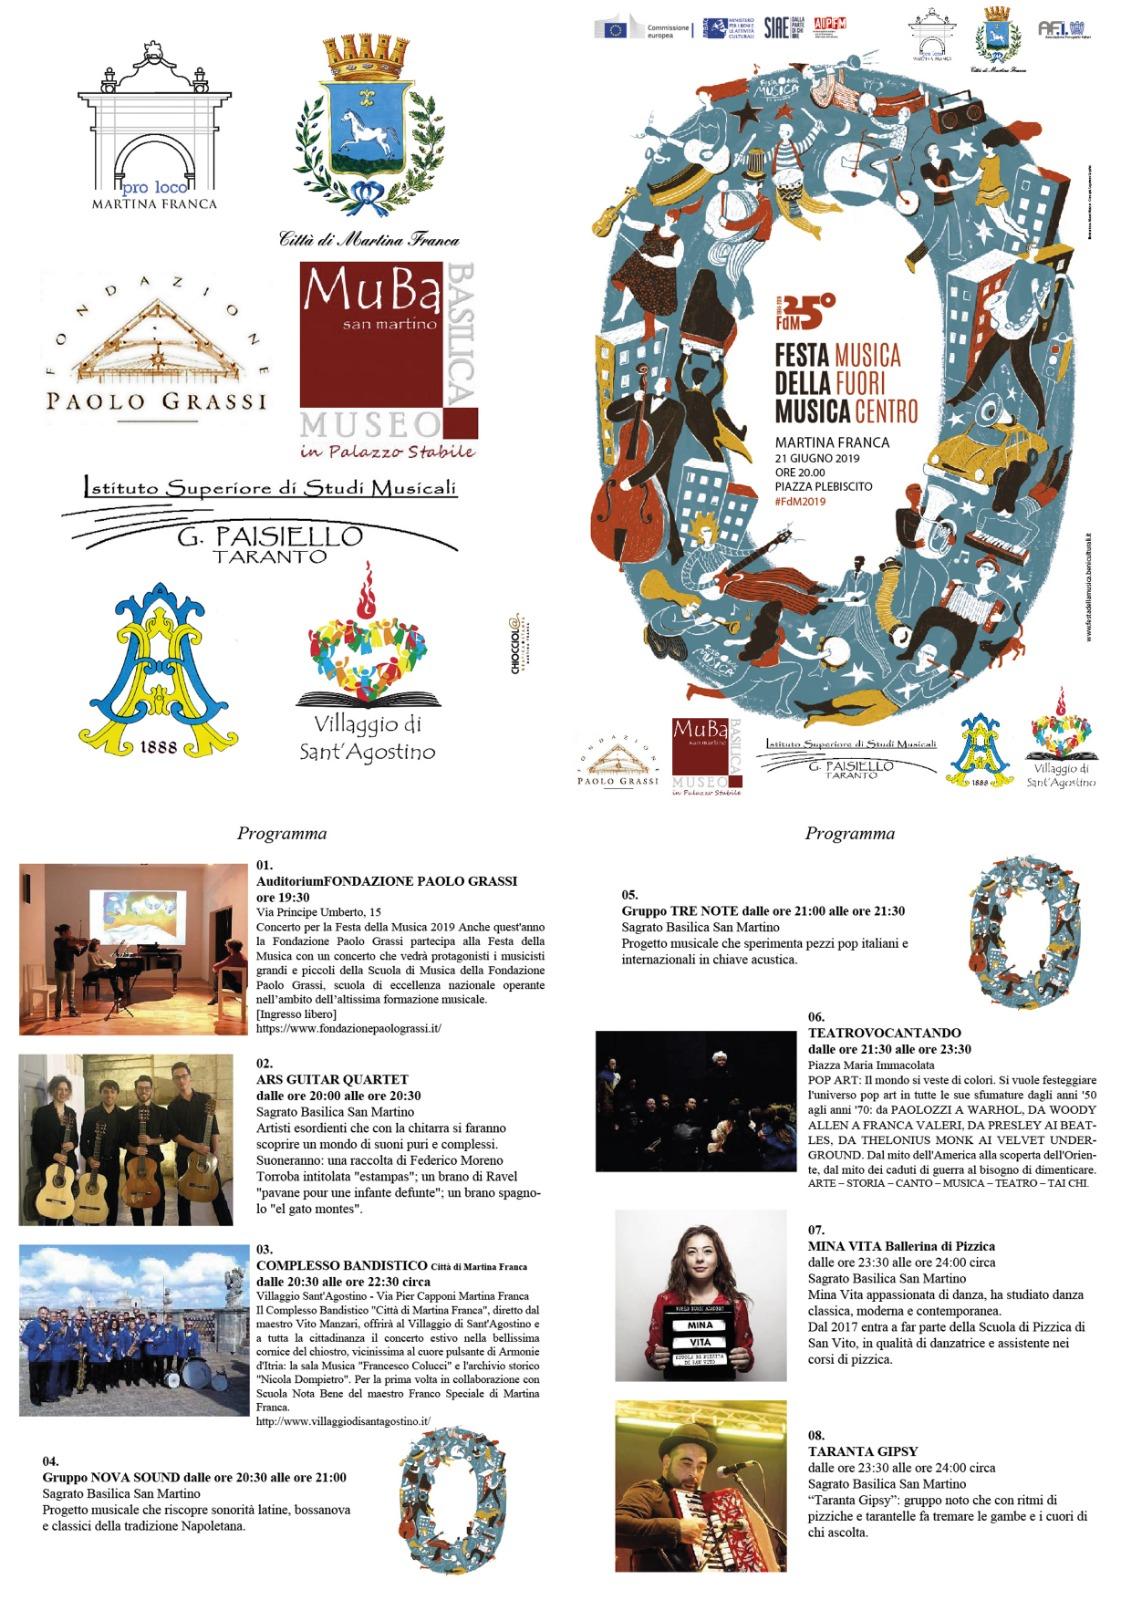 Calendario Eventi Martina Franca.Taranto La Festa Della Musica Sbarca A Martina Franca Gli